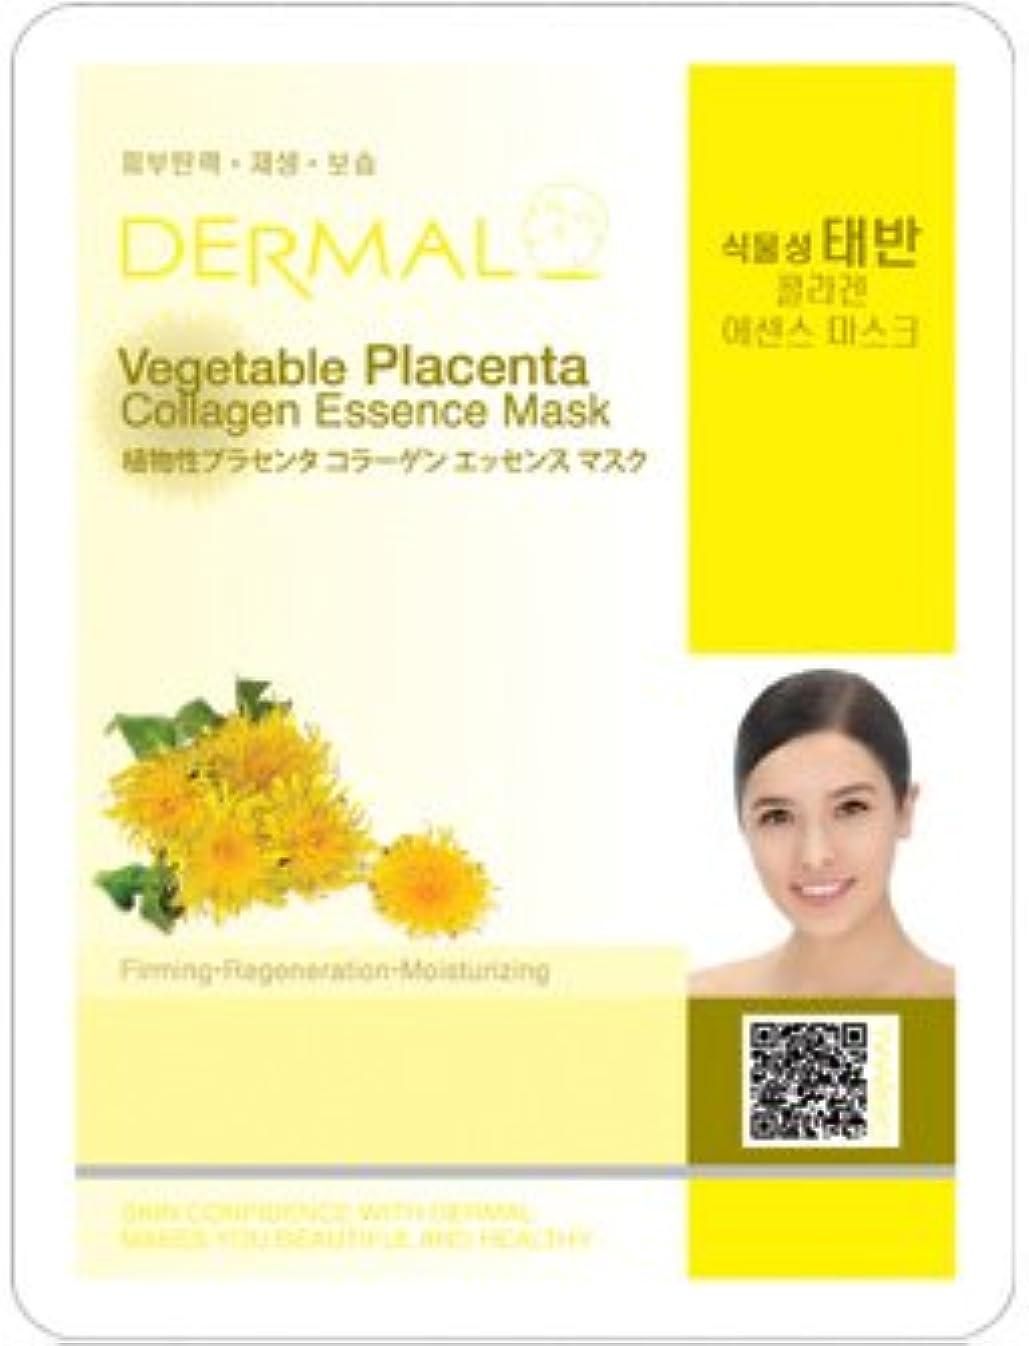 恵み仲間、同僚こねるシート マスク 植物性プラセンタ ダーマル Dermal 23g (10枚セット) フェイス パック